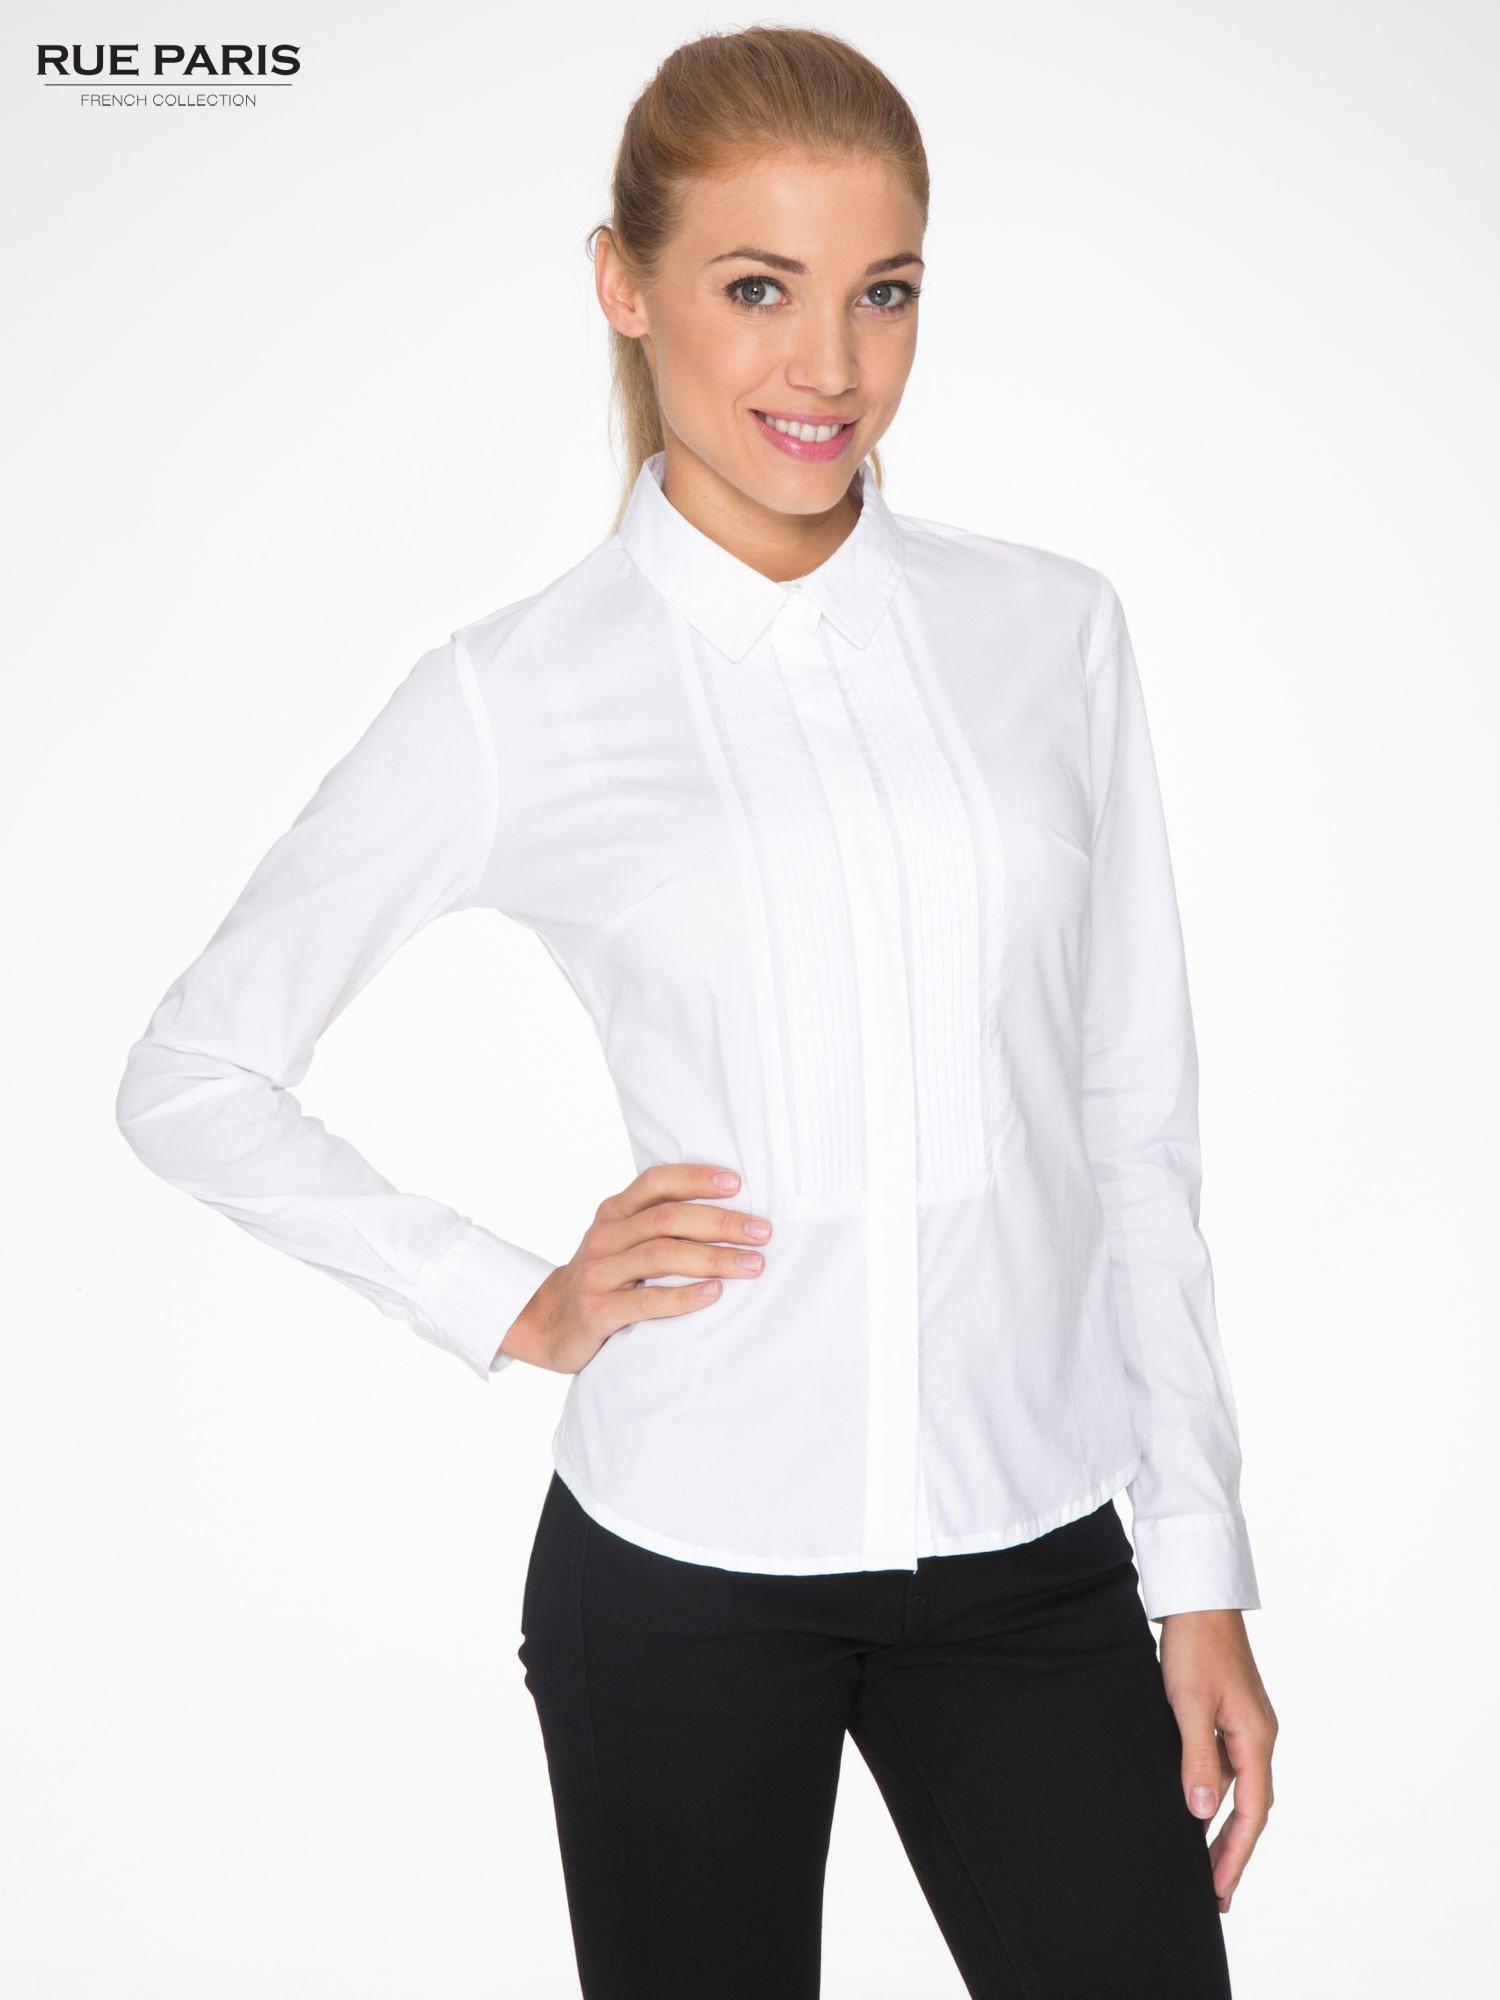 f0612a2103 Bardzo Biała elegancka koszula damska z marszczonym przodem - Koszula QO-49